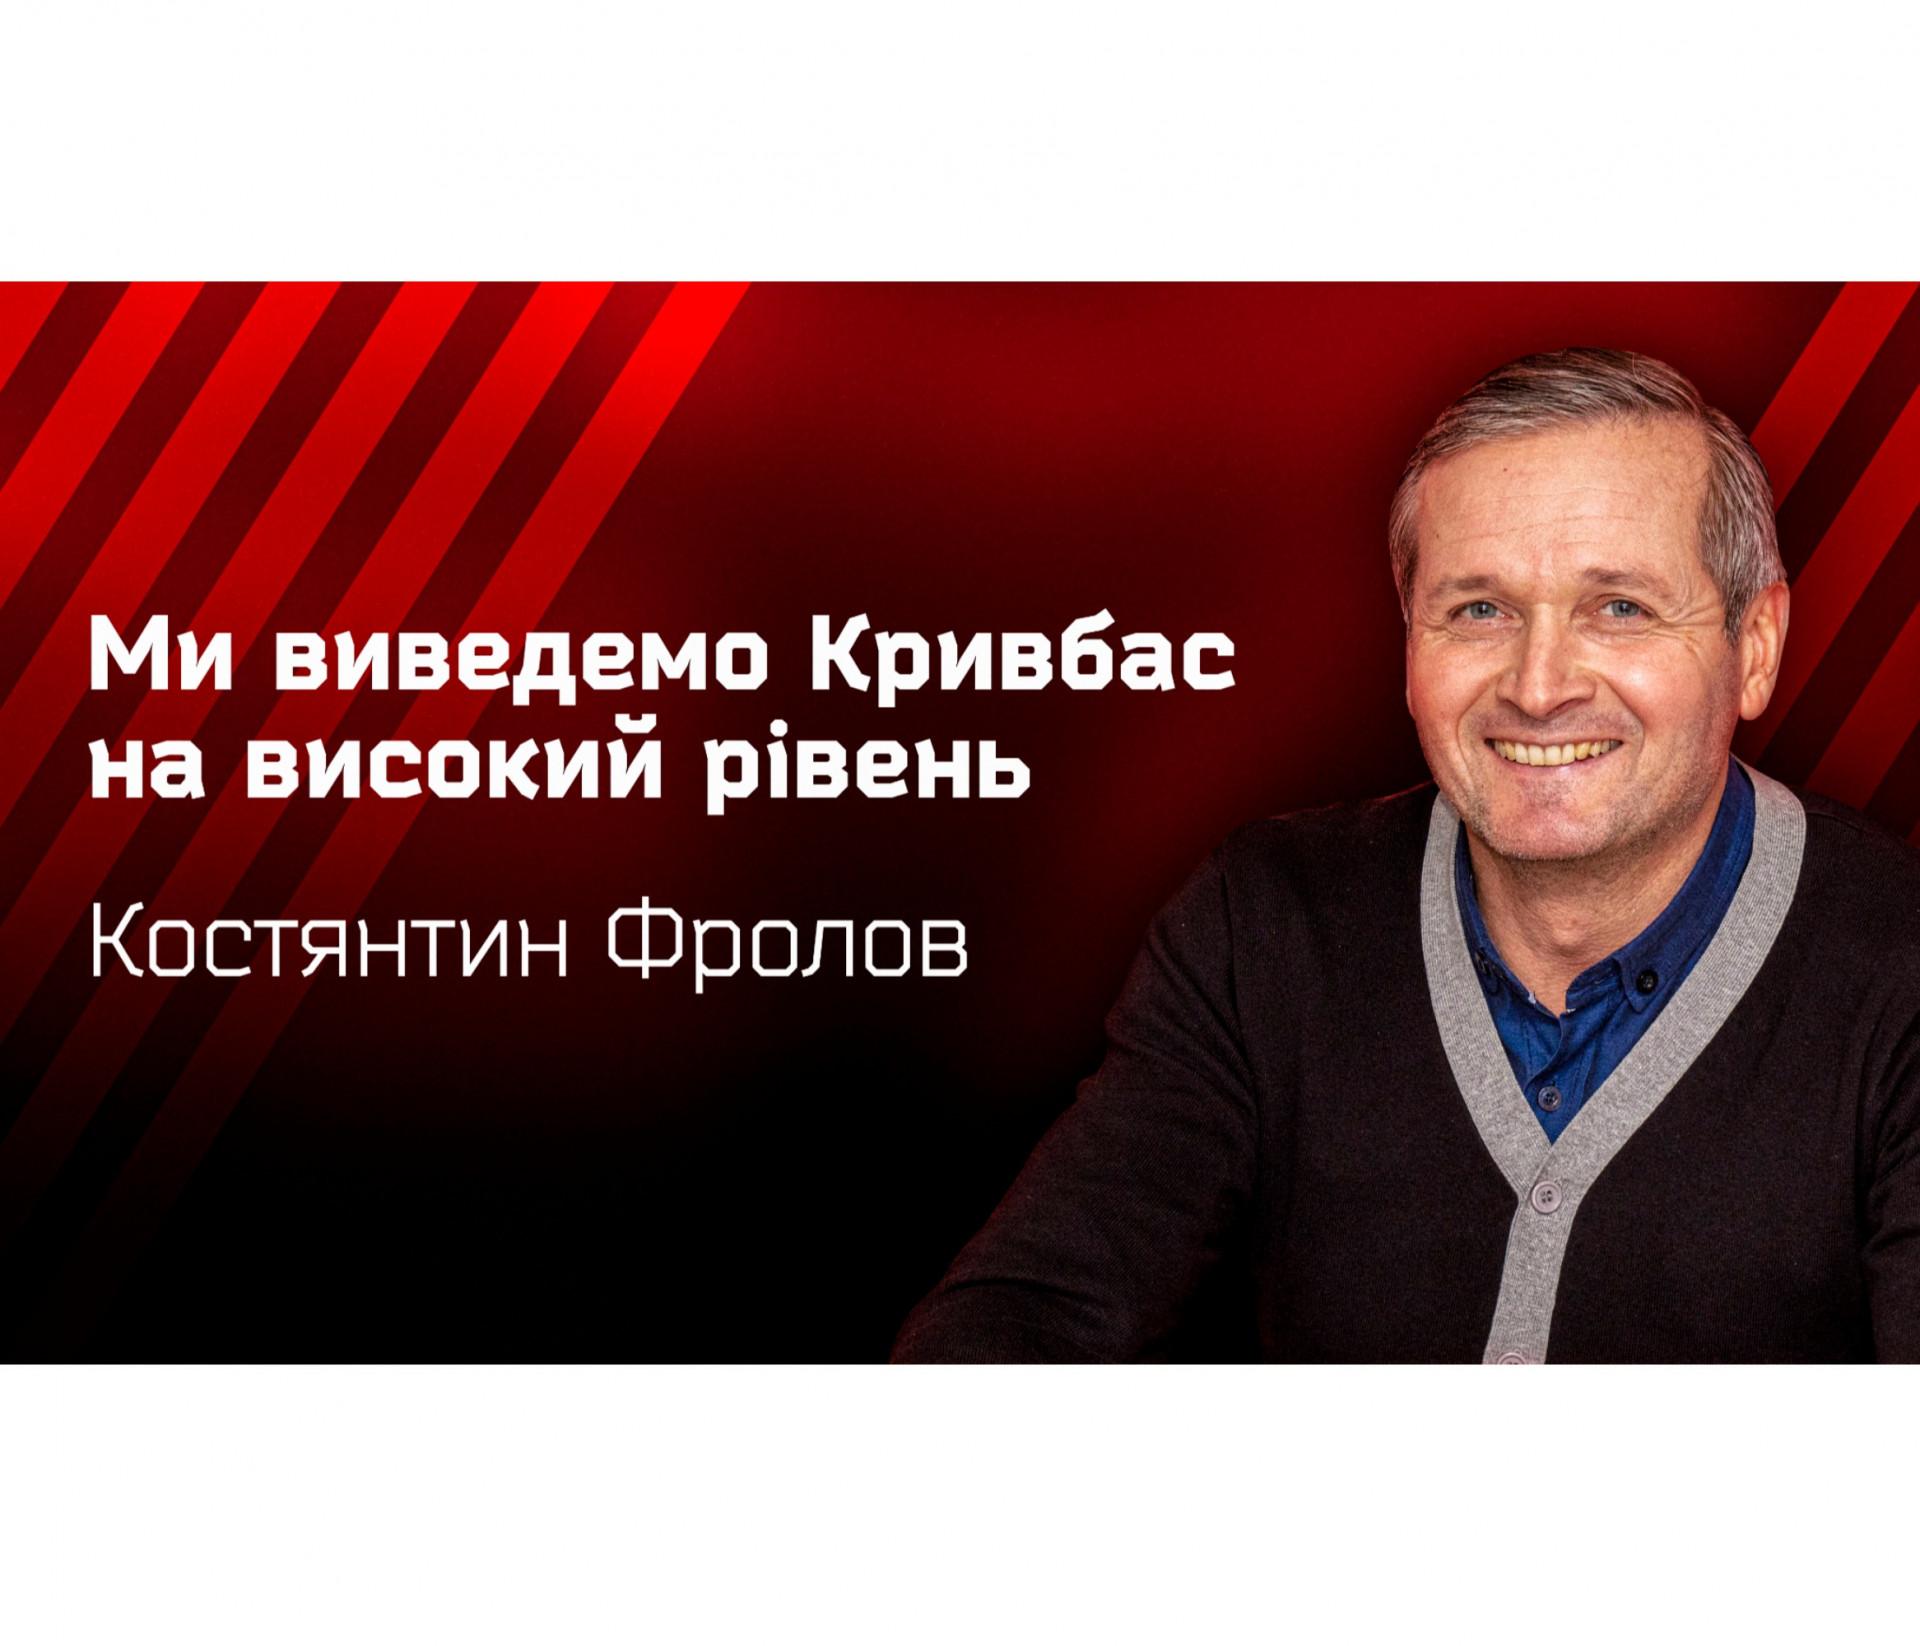 """Костянтин Фролов: Ми виведемо """"Кривбас"""" на високий рівень}"""